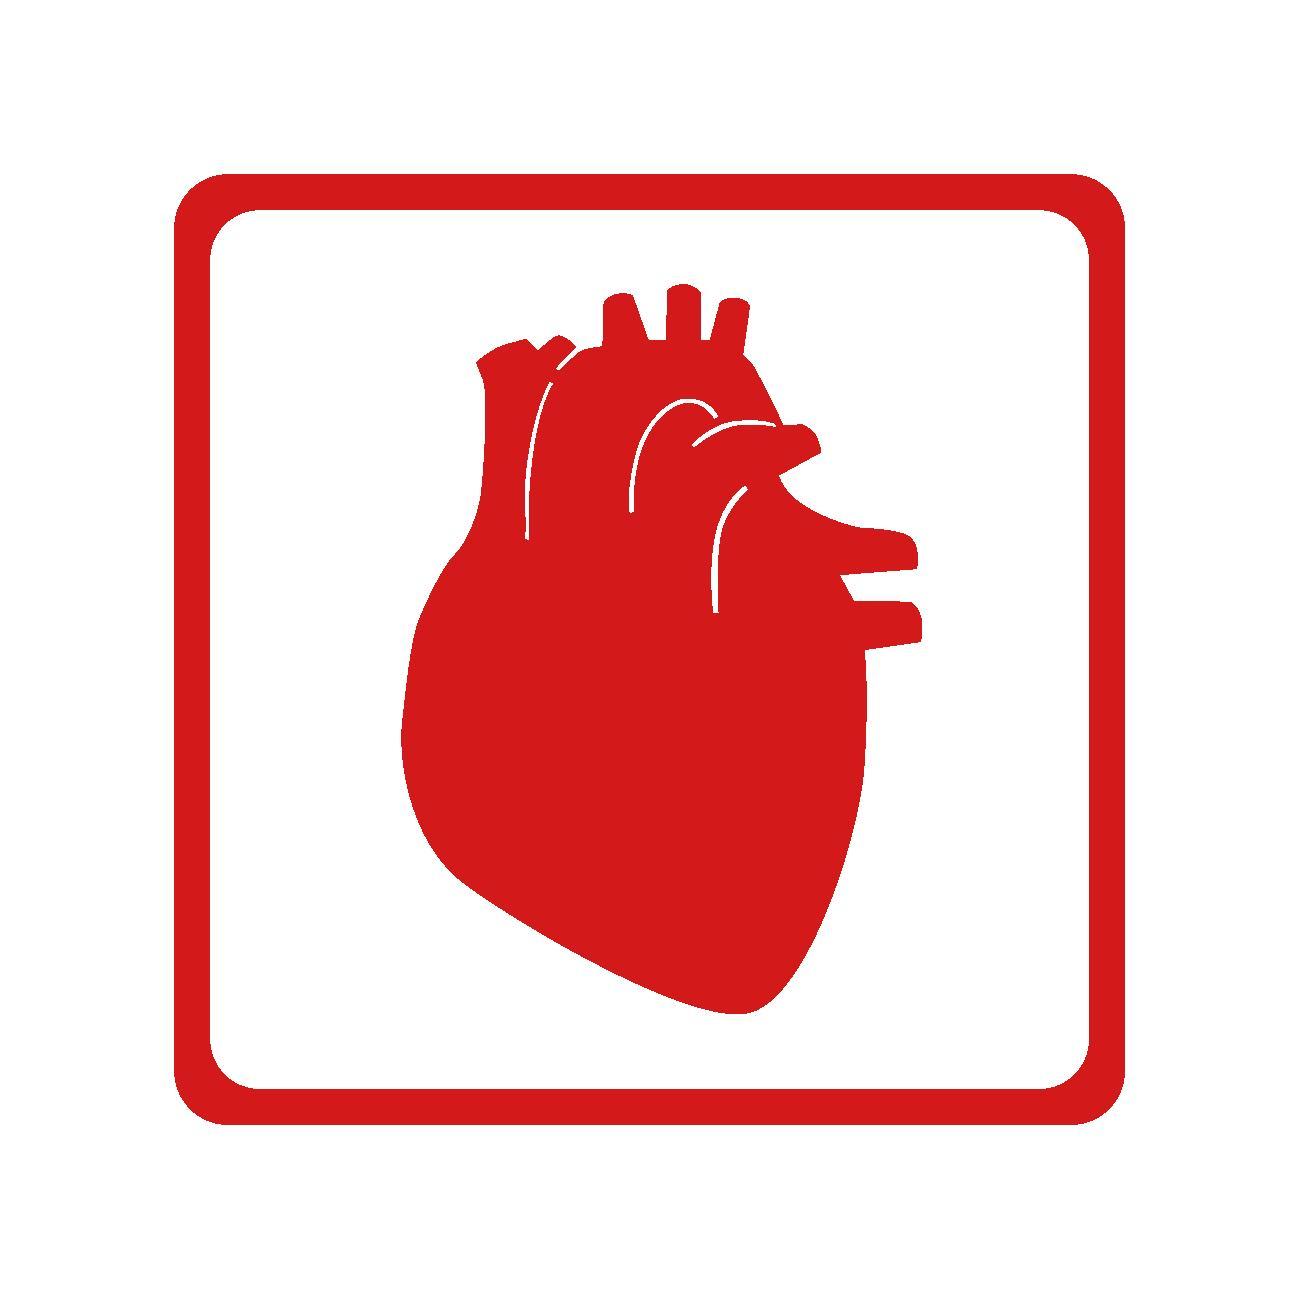 心臓がパスワードになる時代到来か